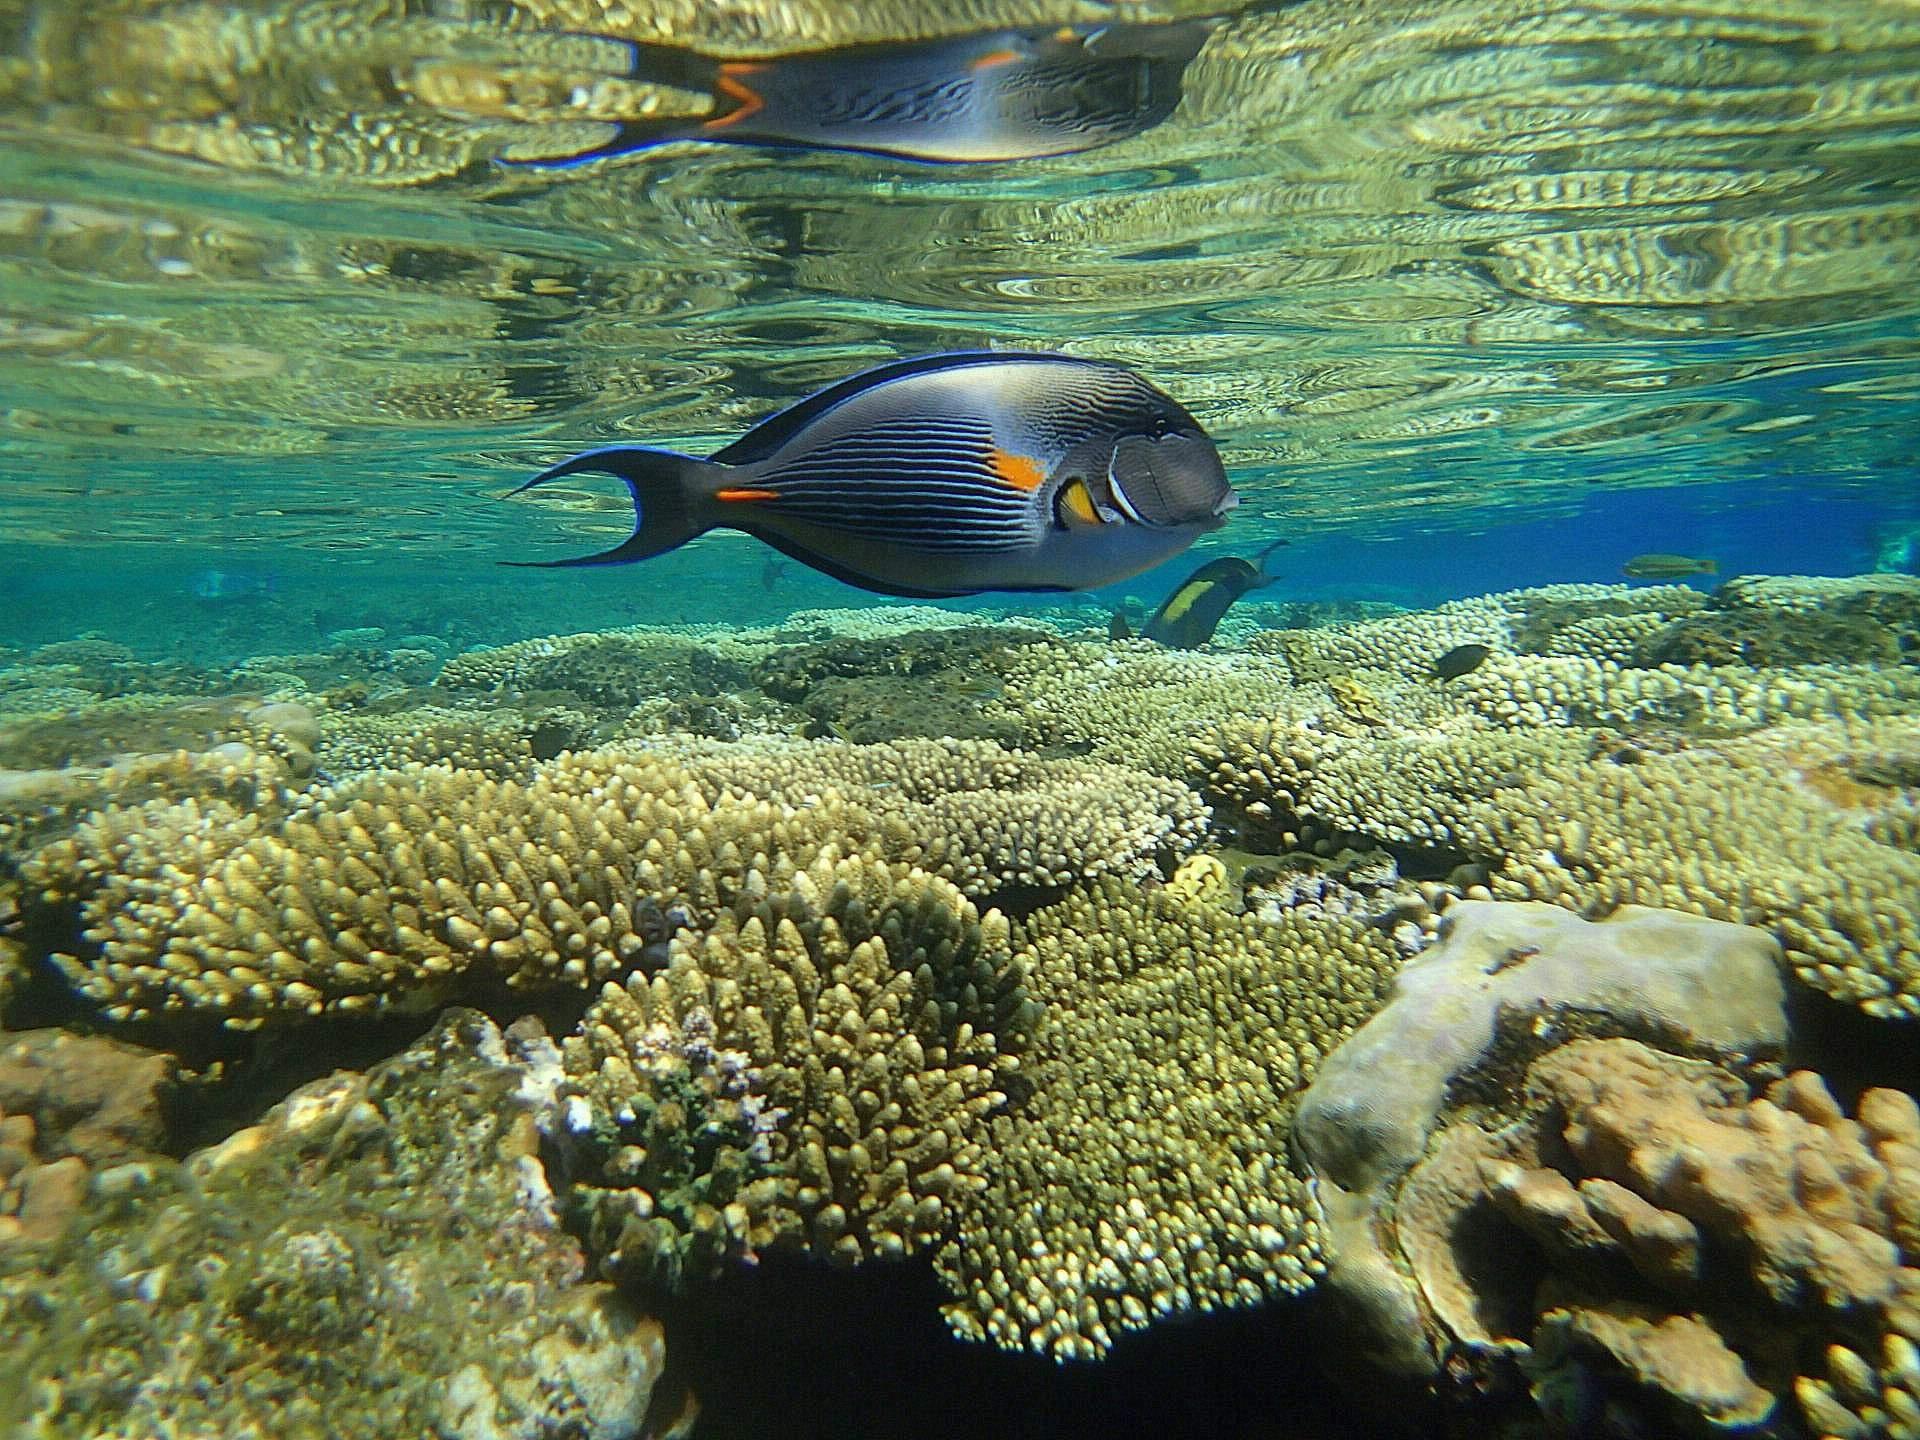 как красиво рыбы атлантического океана фото регулярно публикует